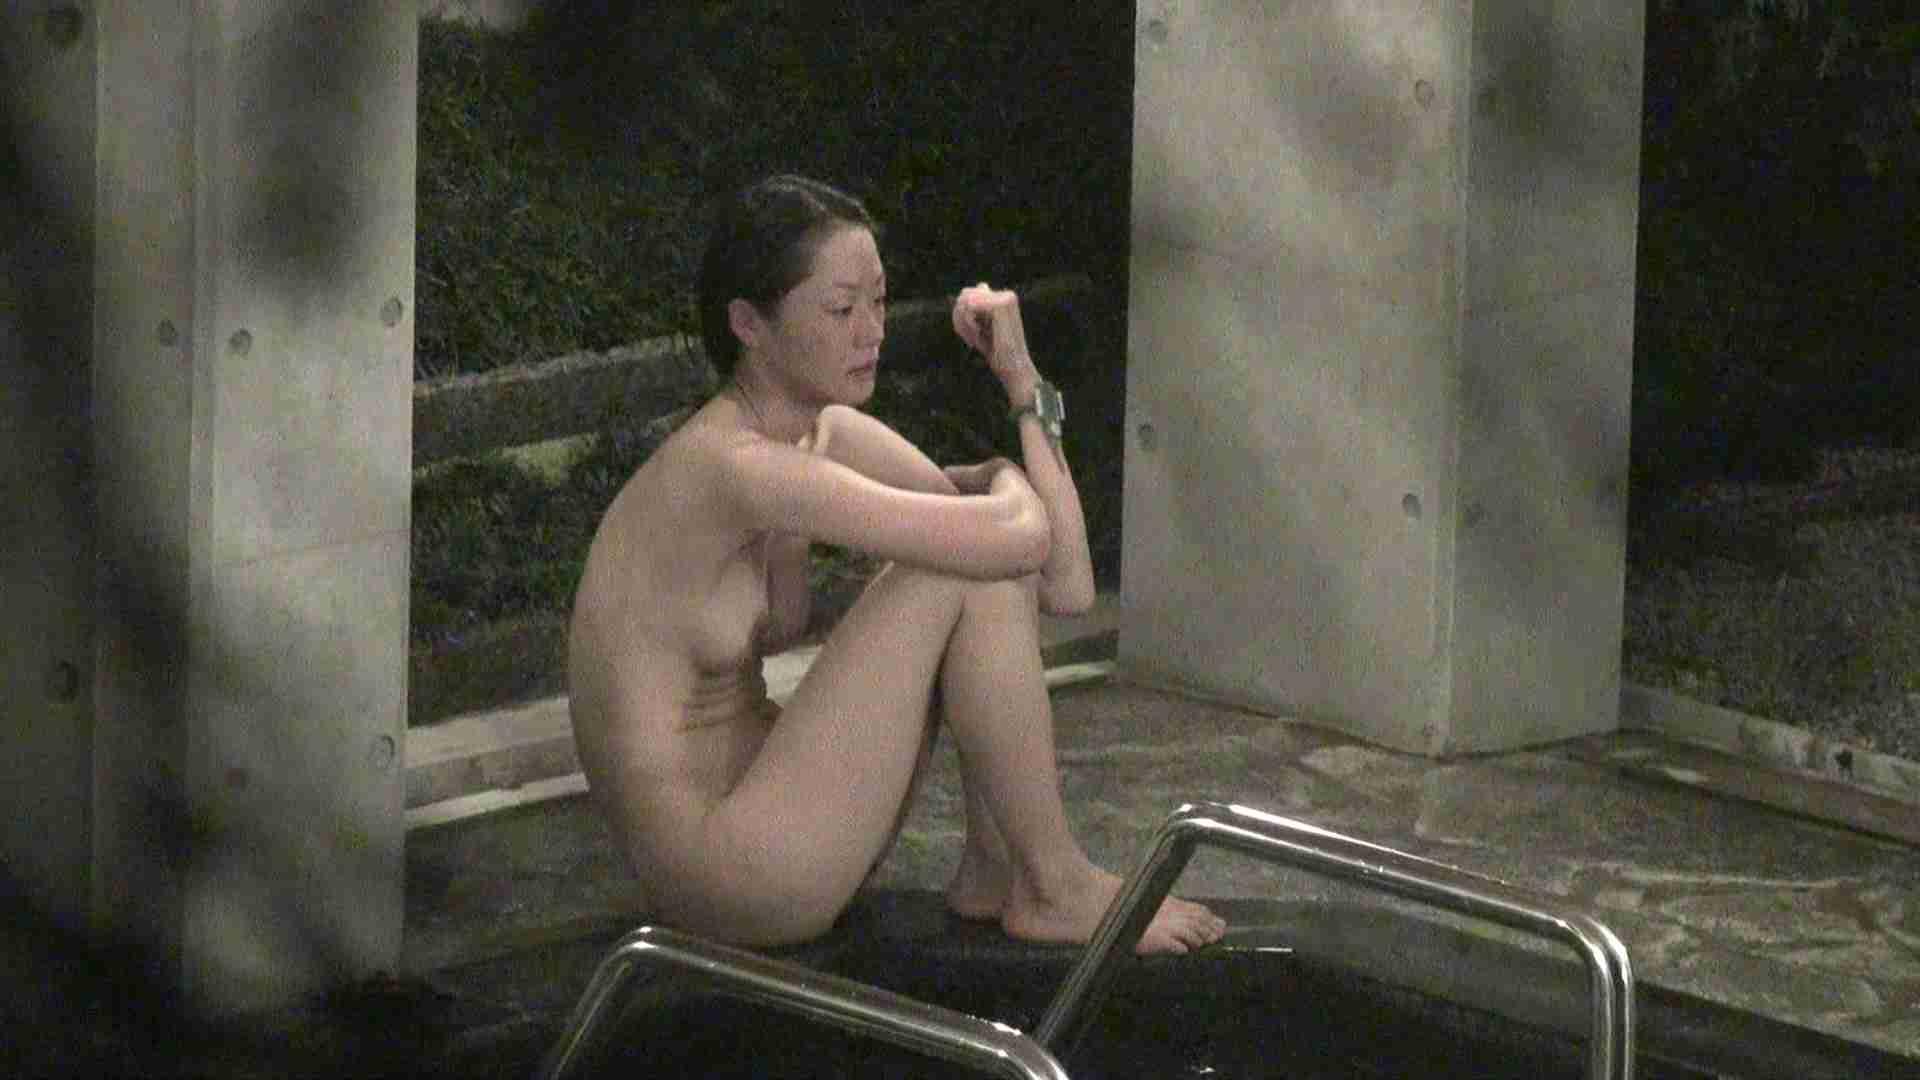 Aquaな露天風呂Vol.318 美しいOLの裸体   盗撮師作品  105pic 79